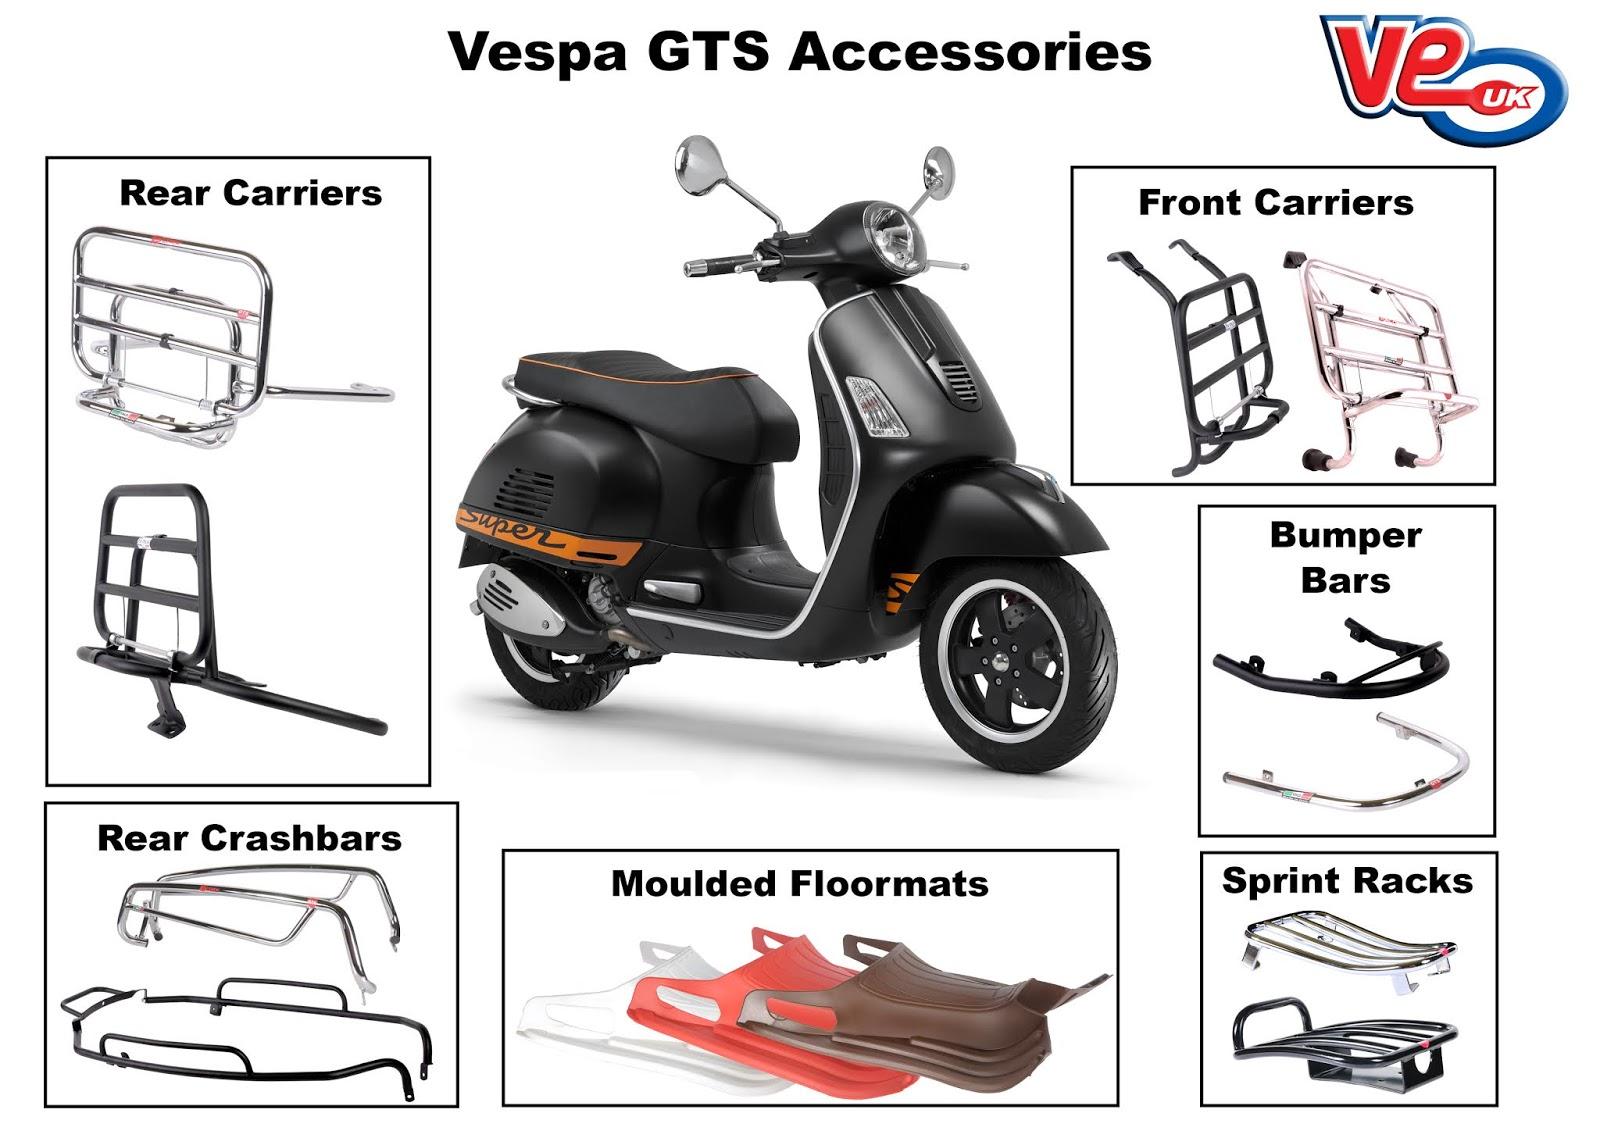 Vespa GTS Accessories